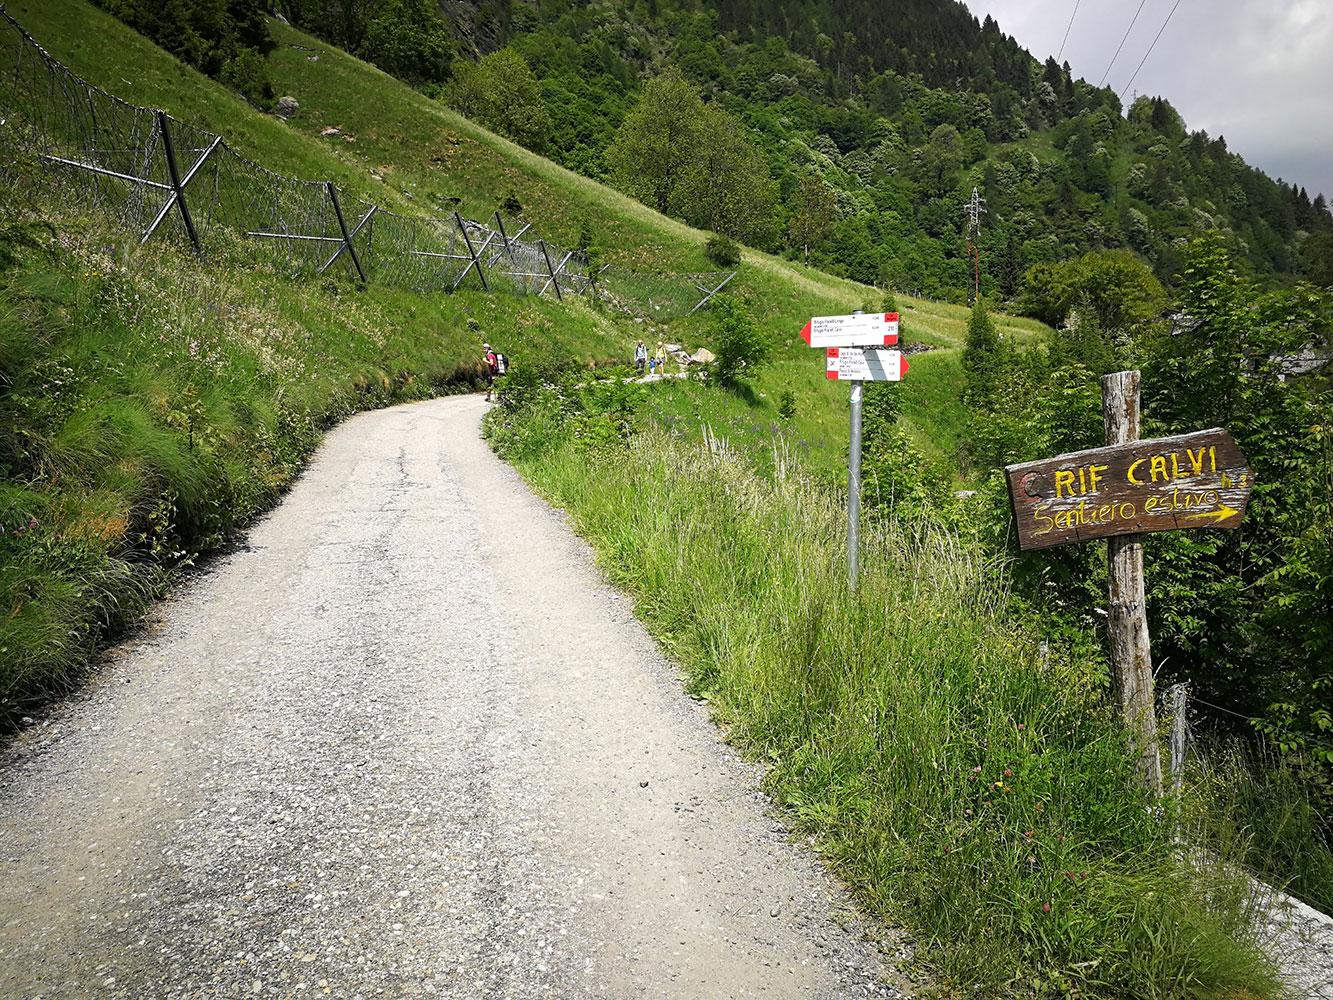 sentiero per rifugio calvi e longo